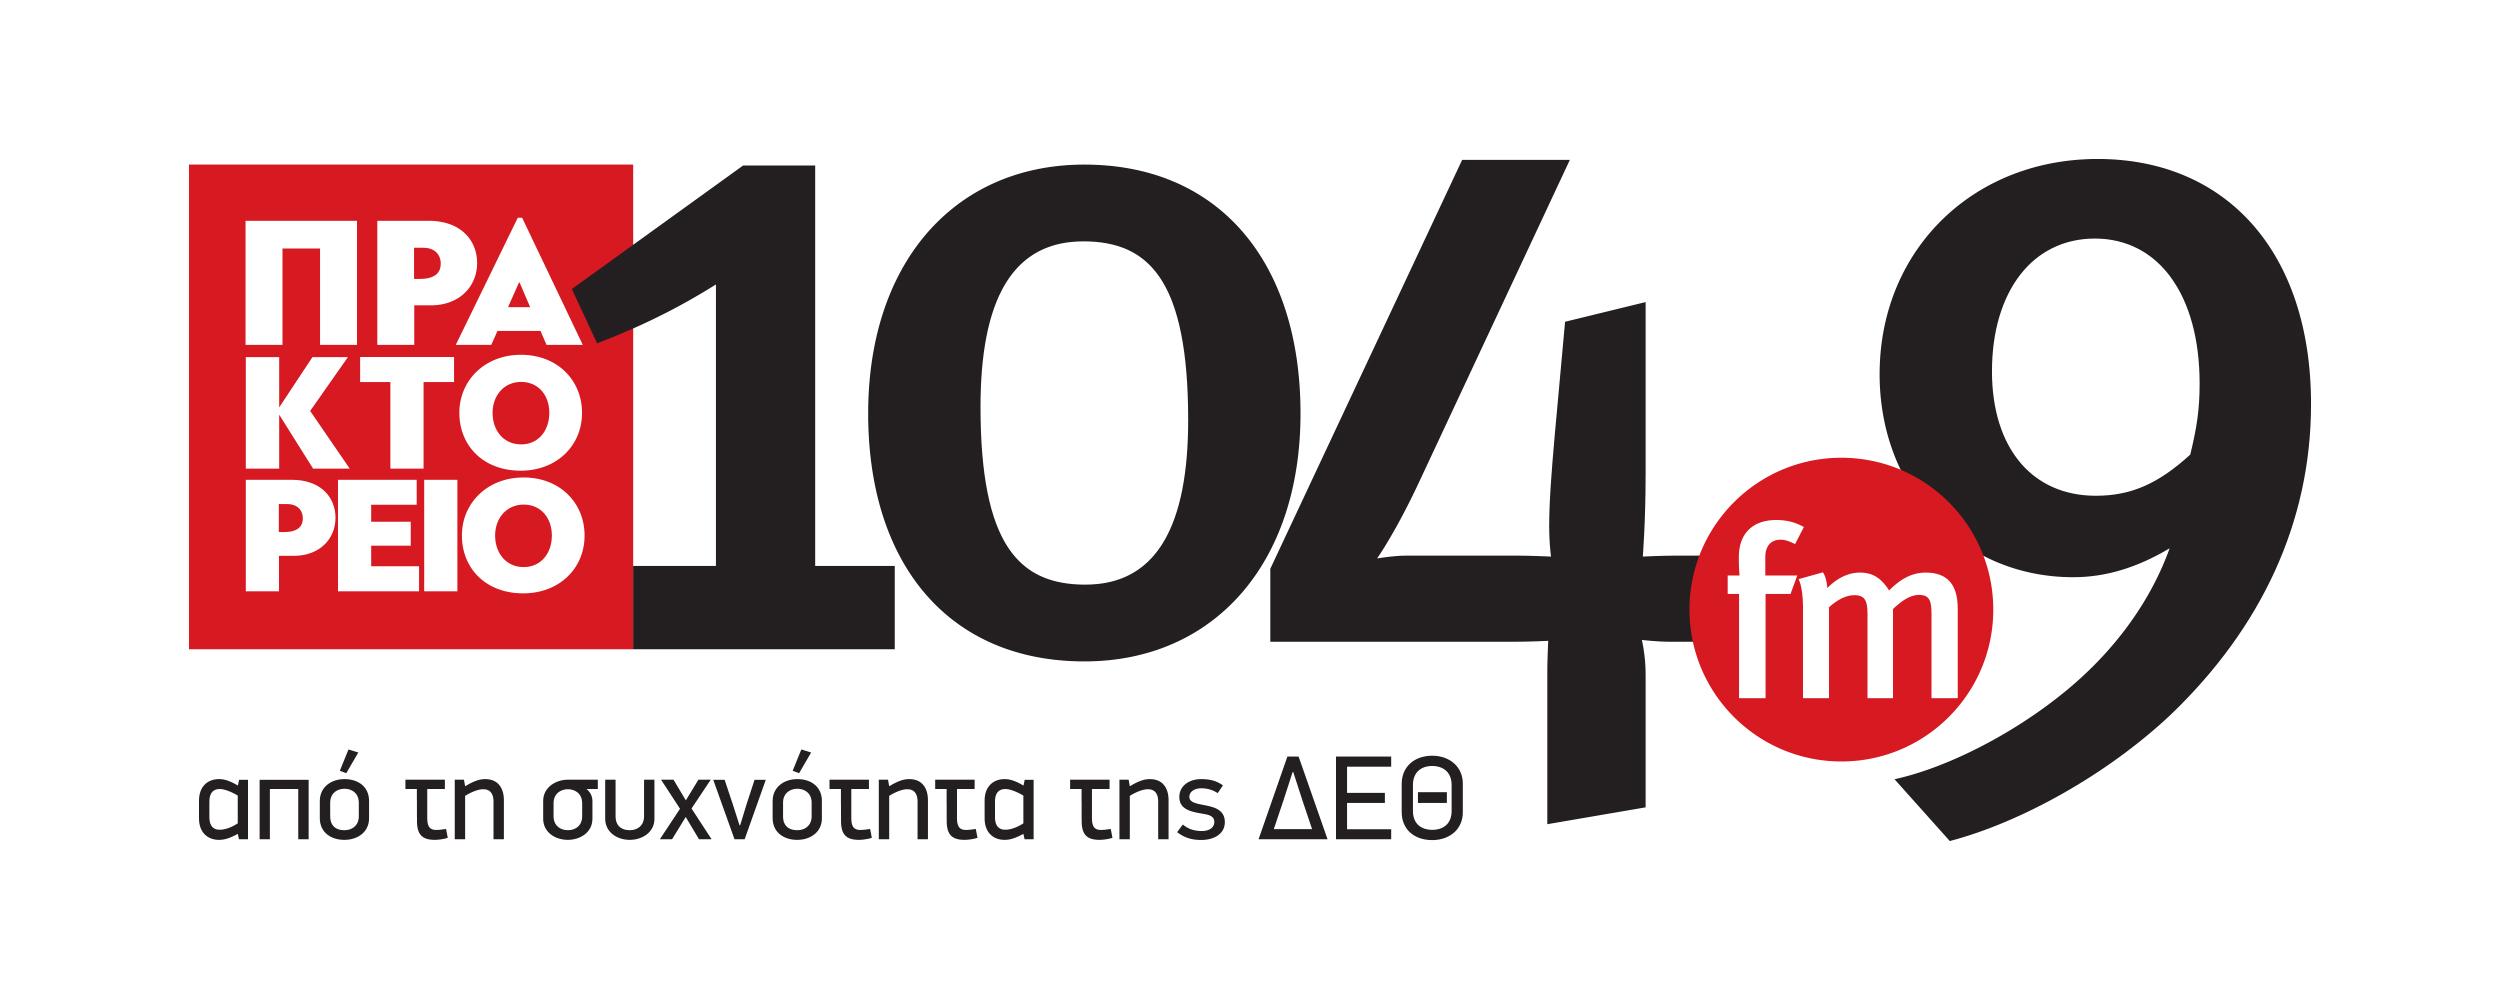 Πρακτορείο FM 104,9